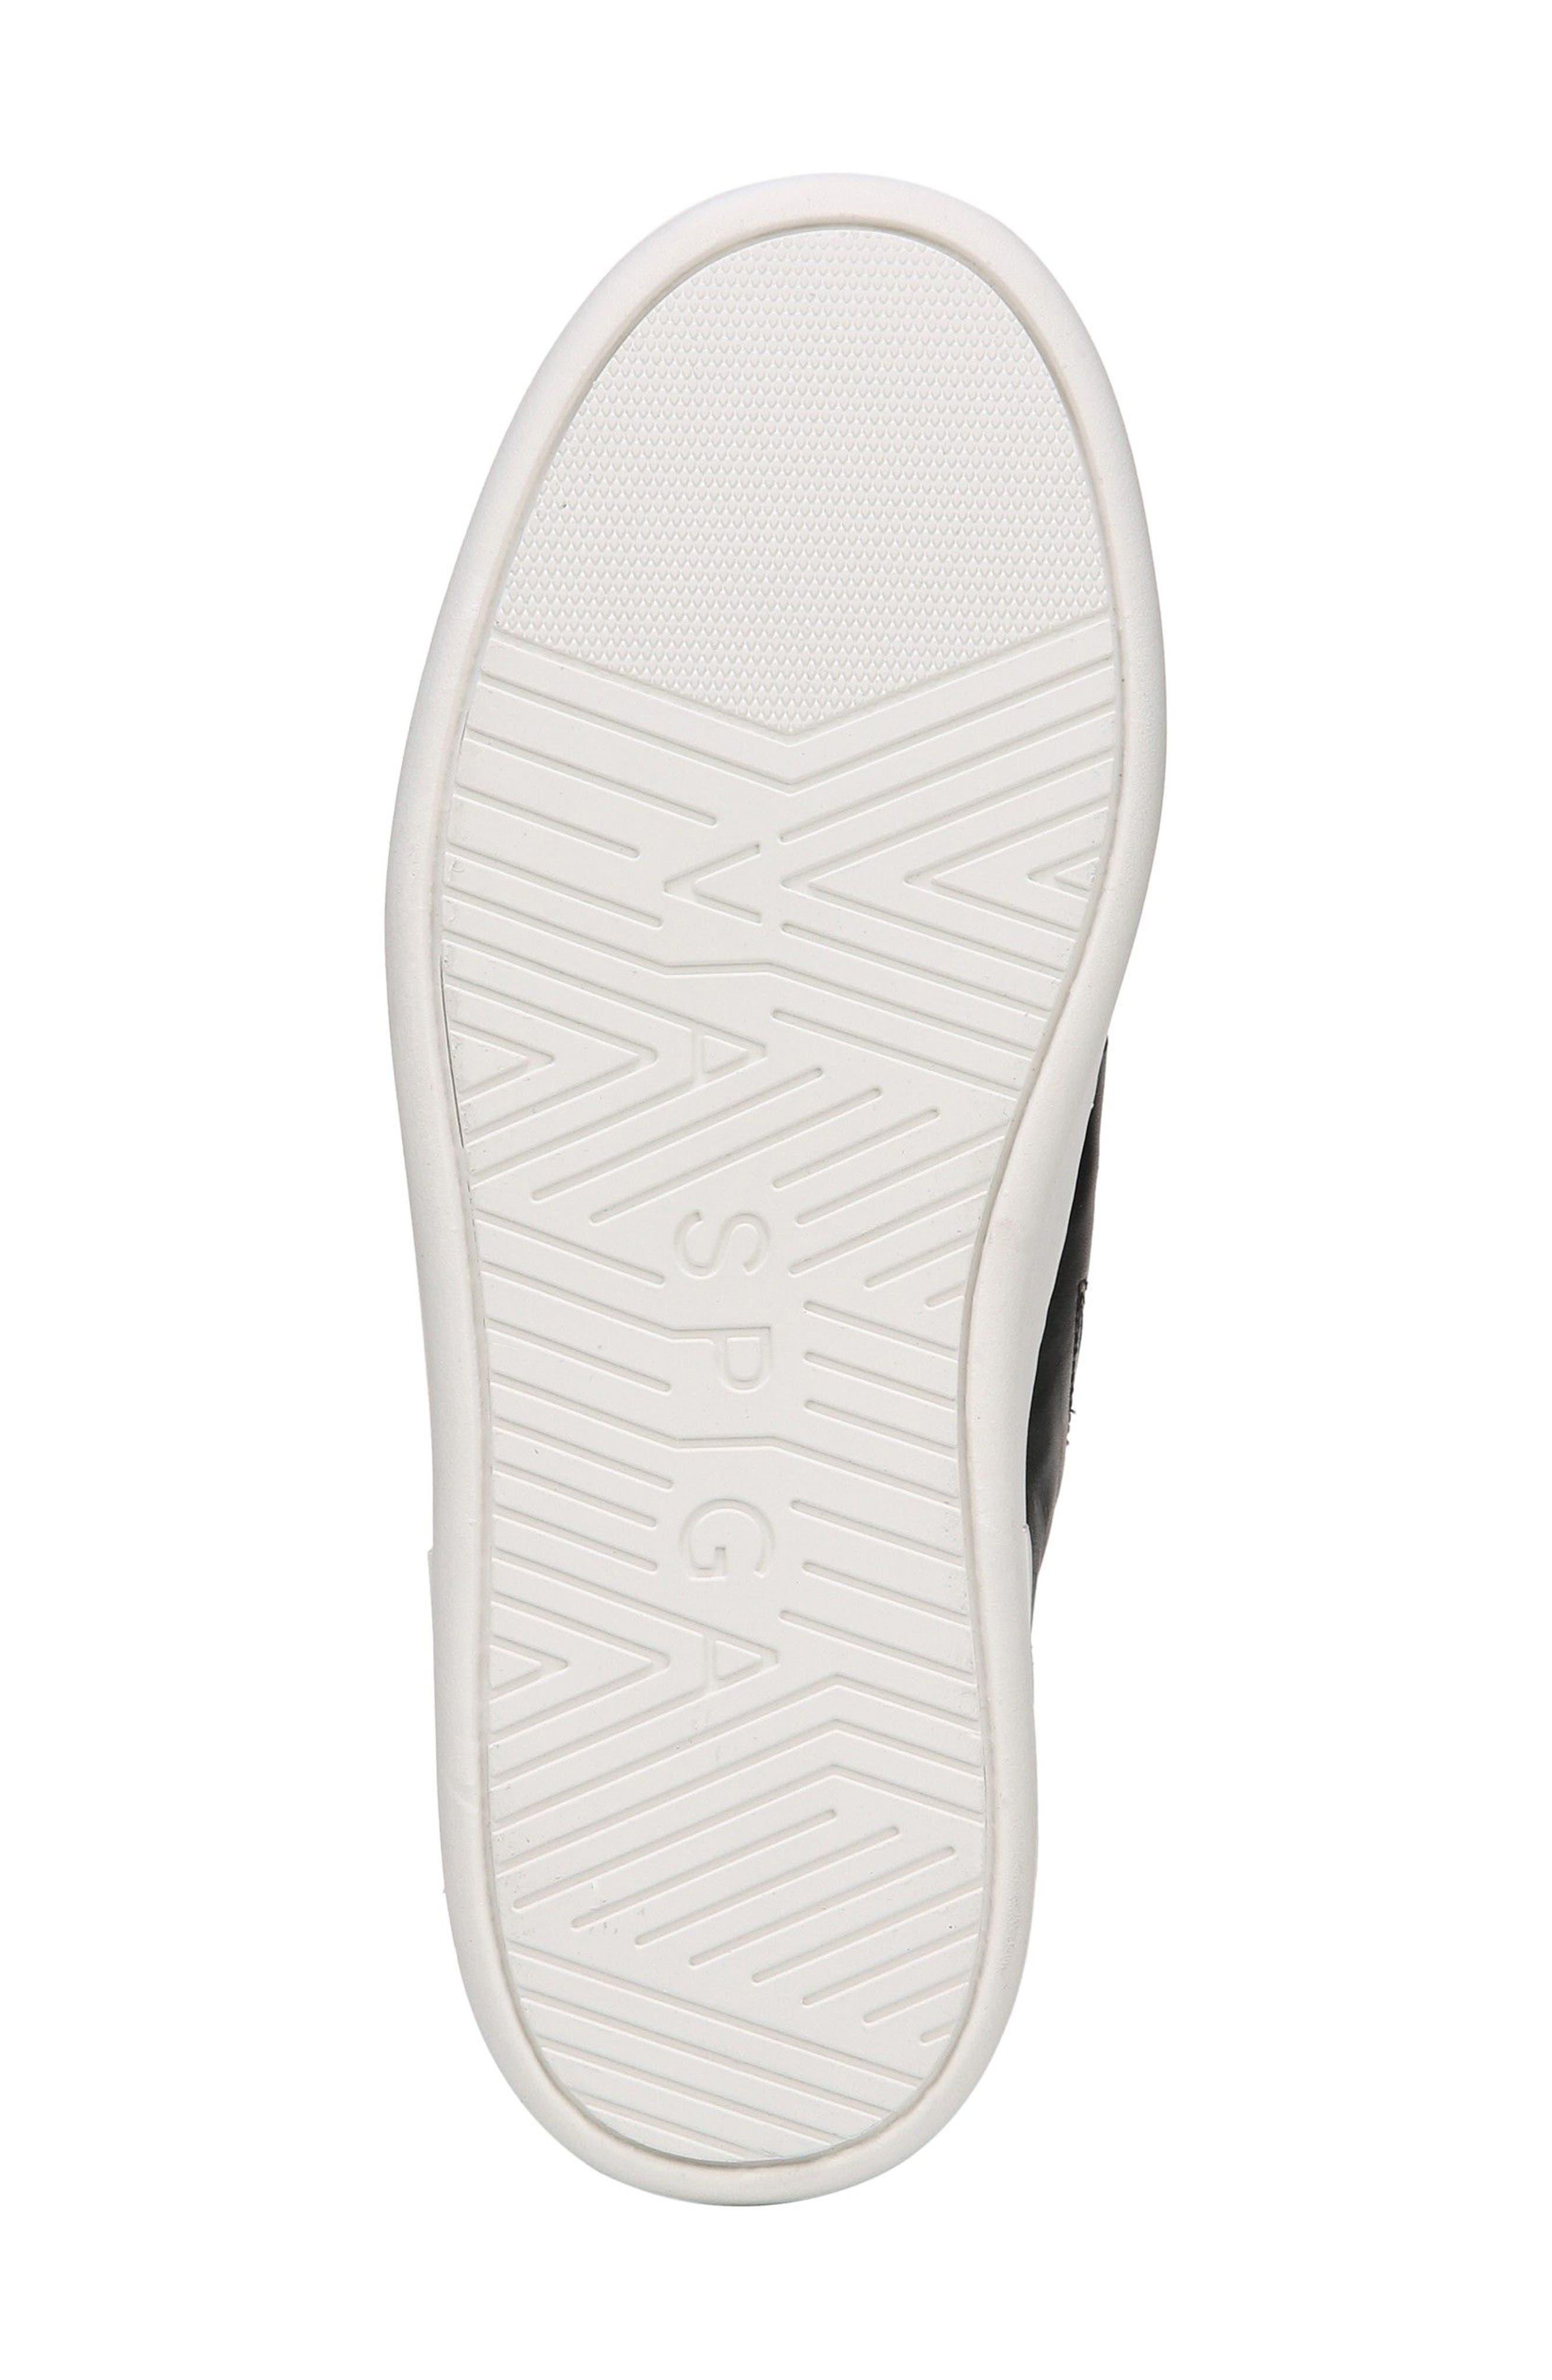 Ryder Slip-On Sneaker,                             Alternate thumbnail 6, color,                             Black Leather